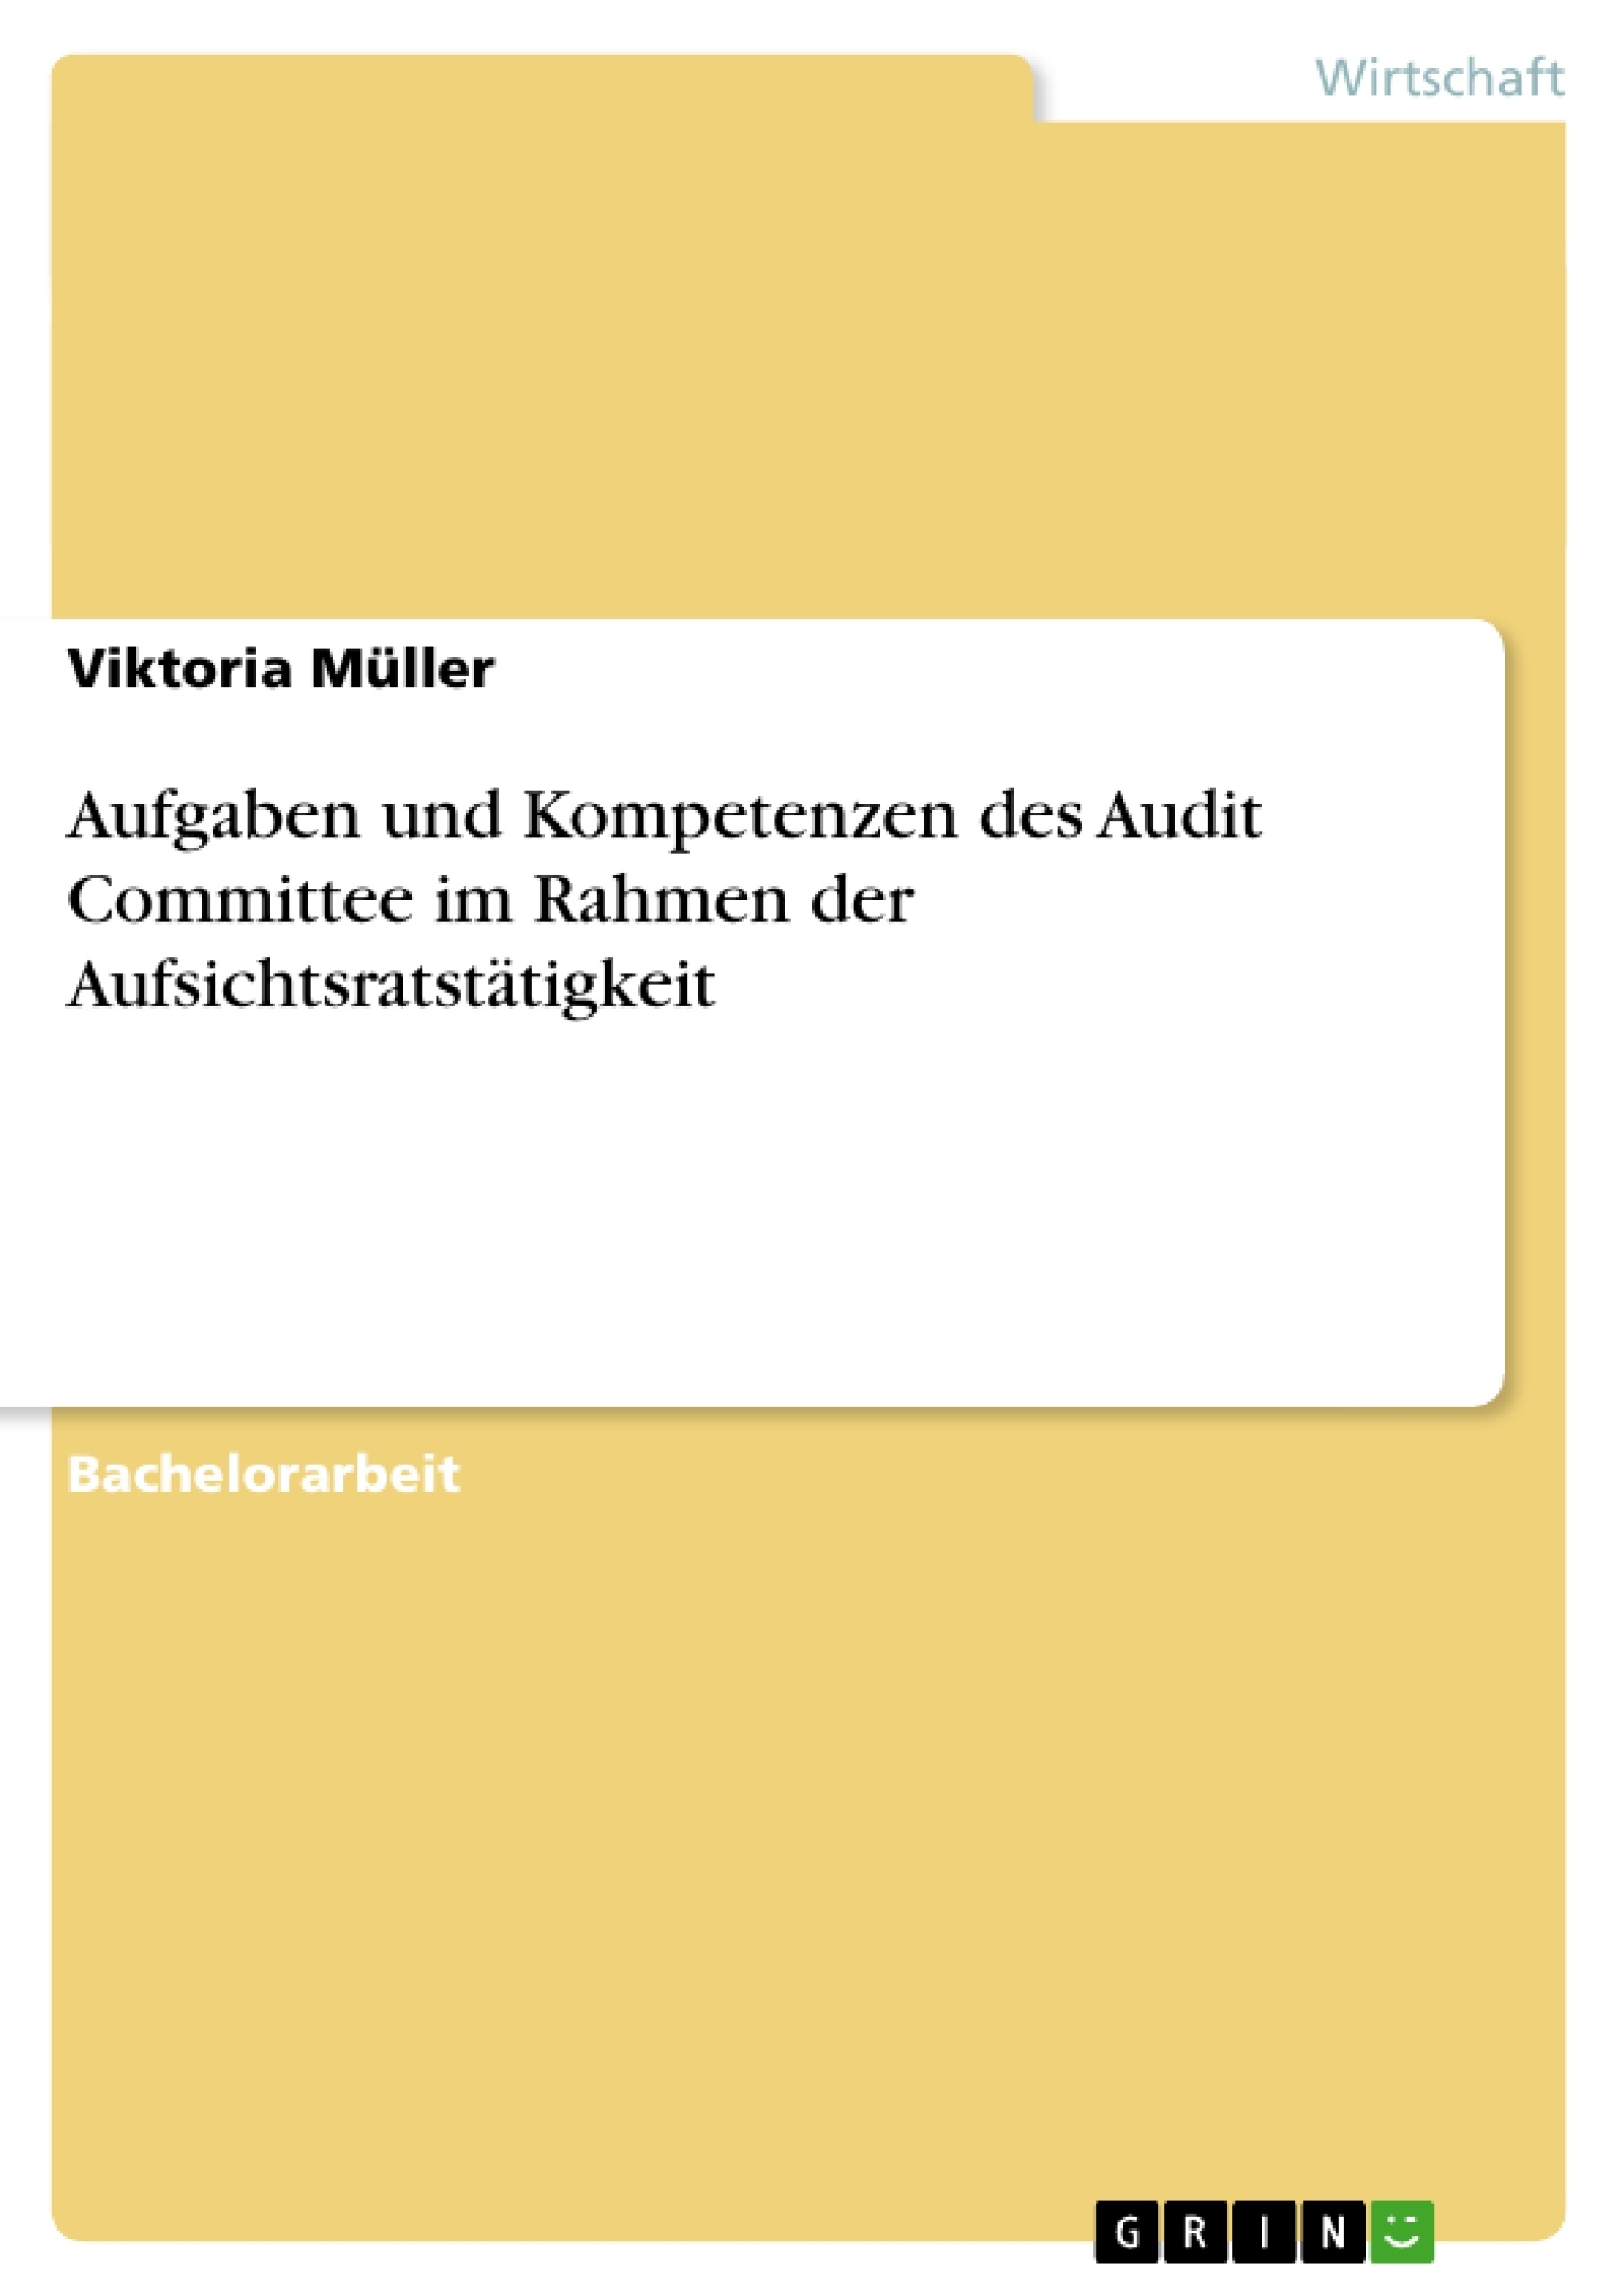 Titel: Aufgaben und Kompetenzen des Audit Committee im Rahmen der Aufsichtsratstätigkeit